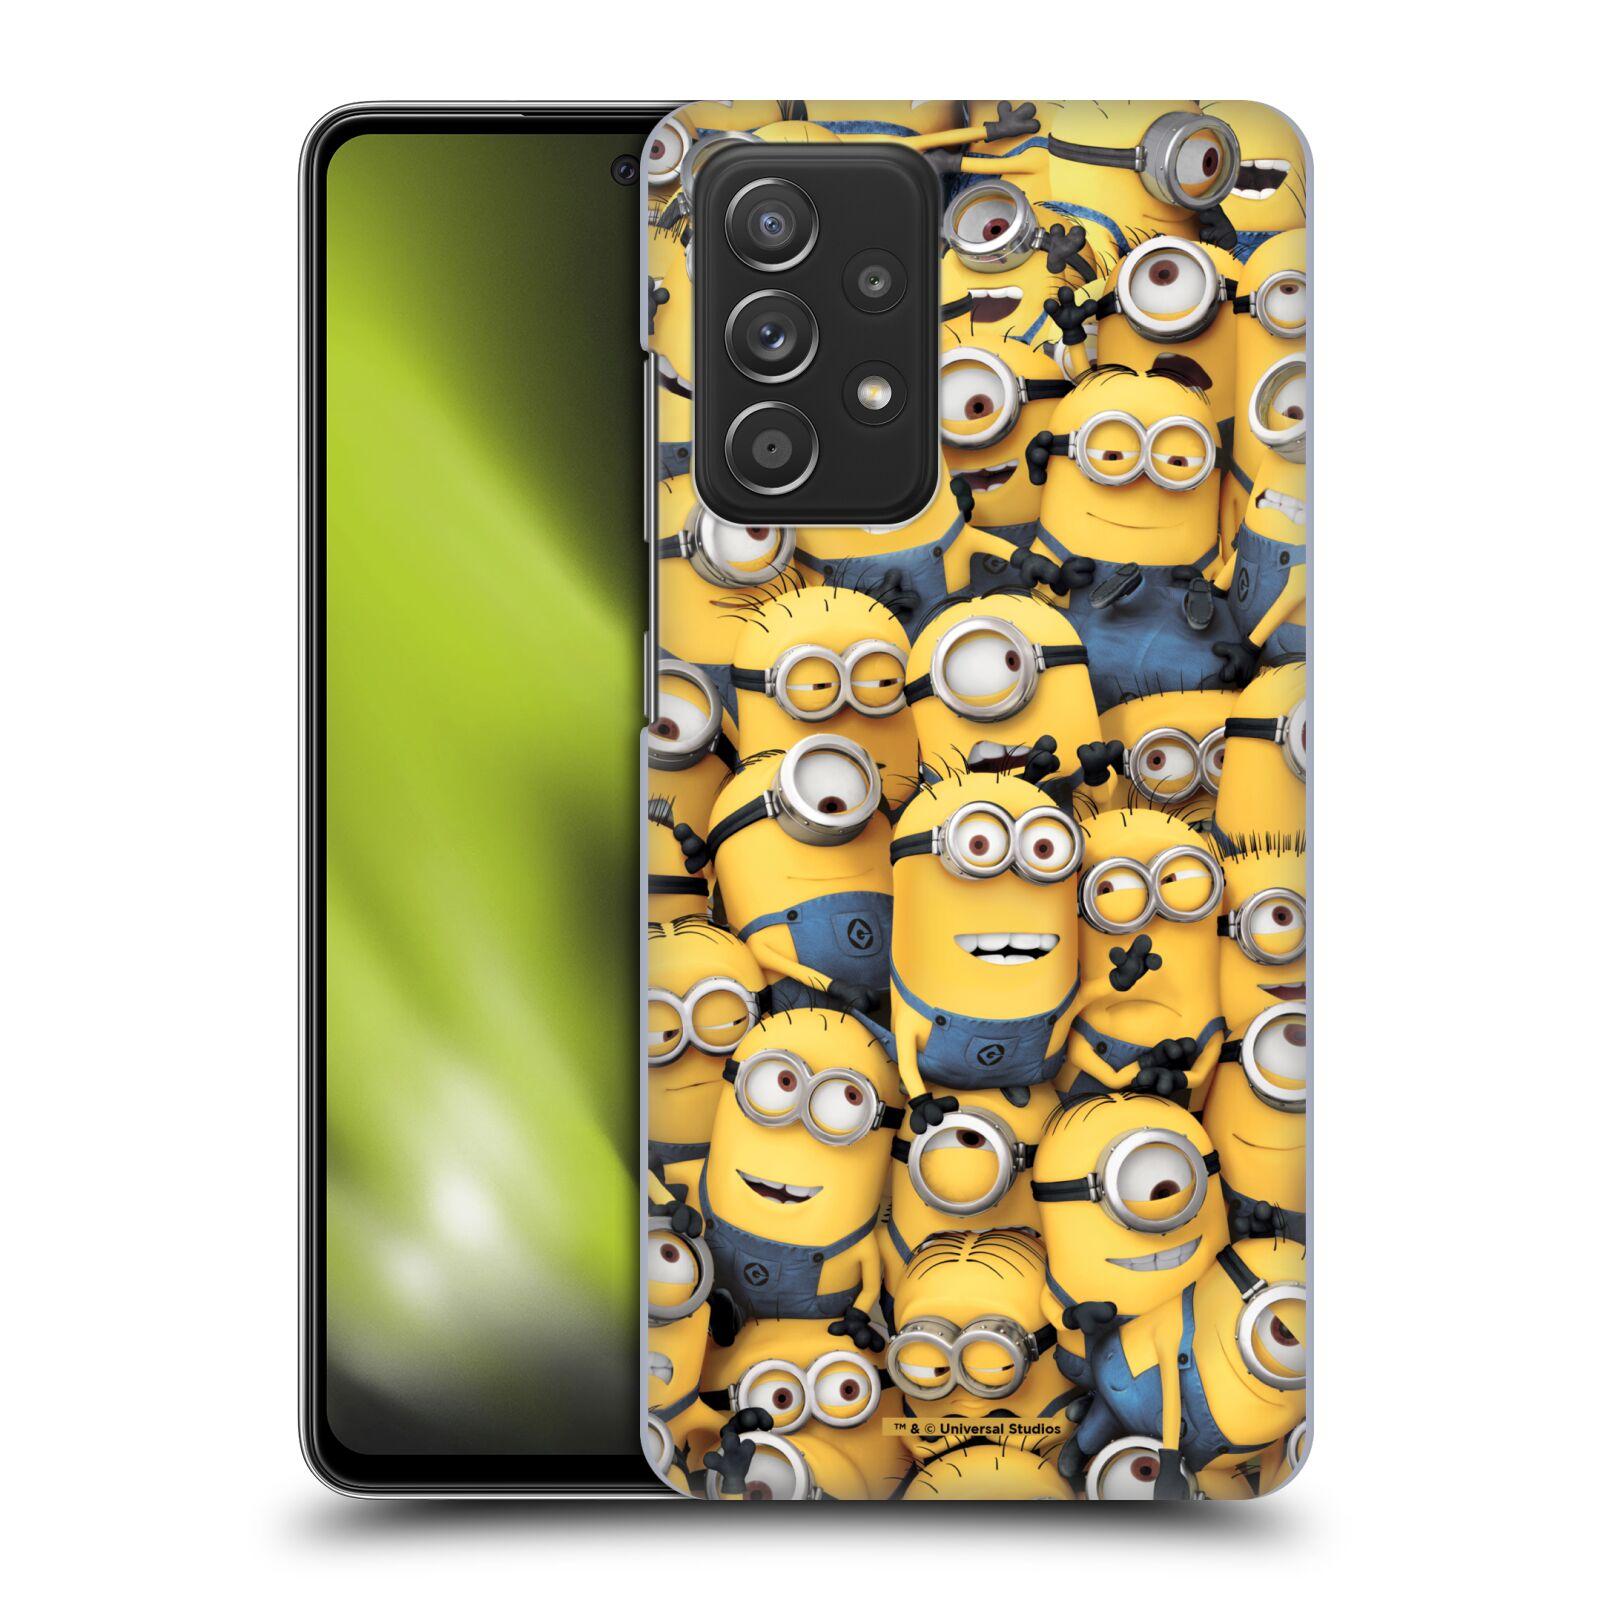 Plastové pouzdro na mobil Samsung Galaxy A52 / A52 5G / A52s 5G - Head Case - Mimoni všude z filmu Já, padouch - Despicable Me